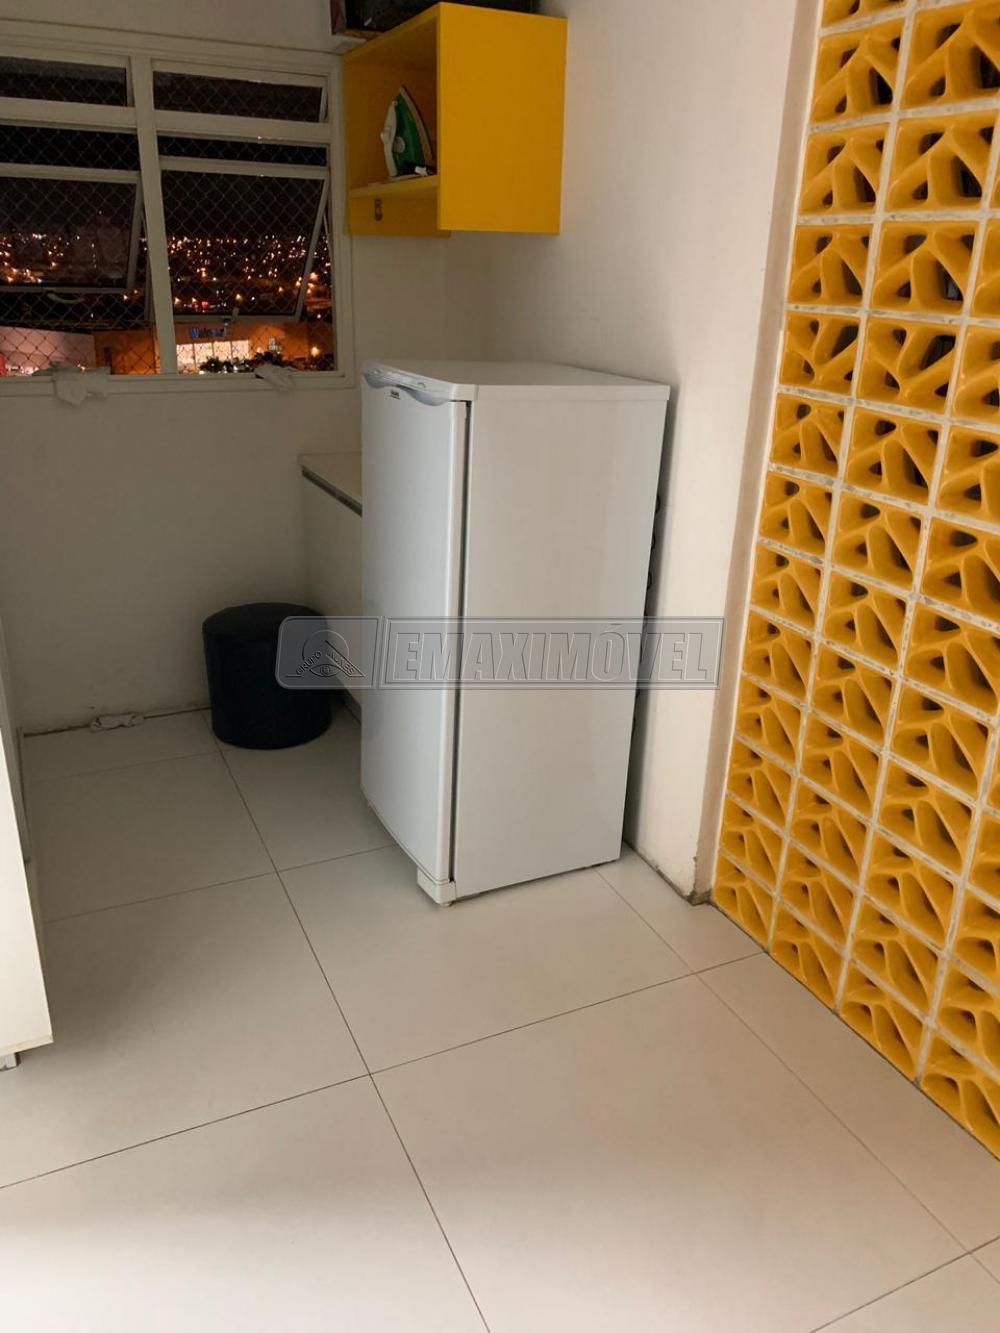 Comprar Apartamentos / Apto Padrão em Sorocaba apenas R$ 2.500.000,00 - Foto 28